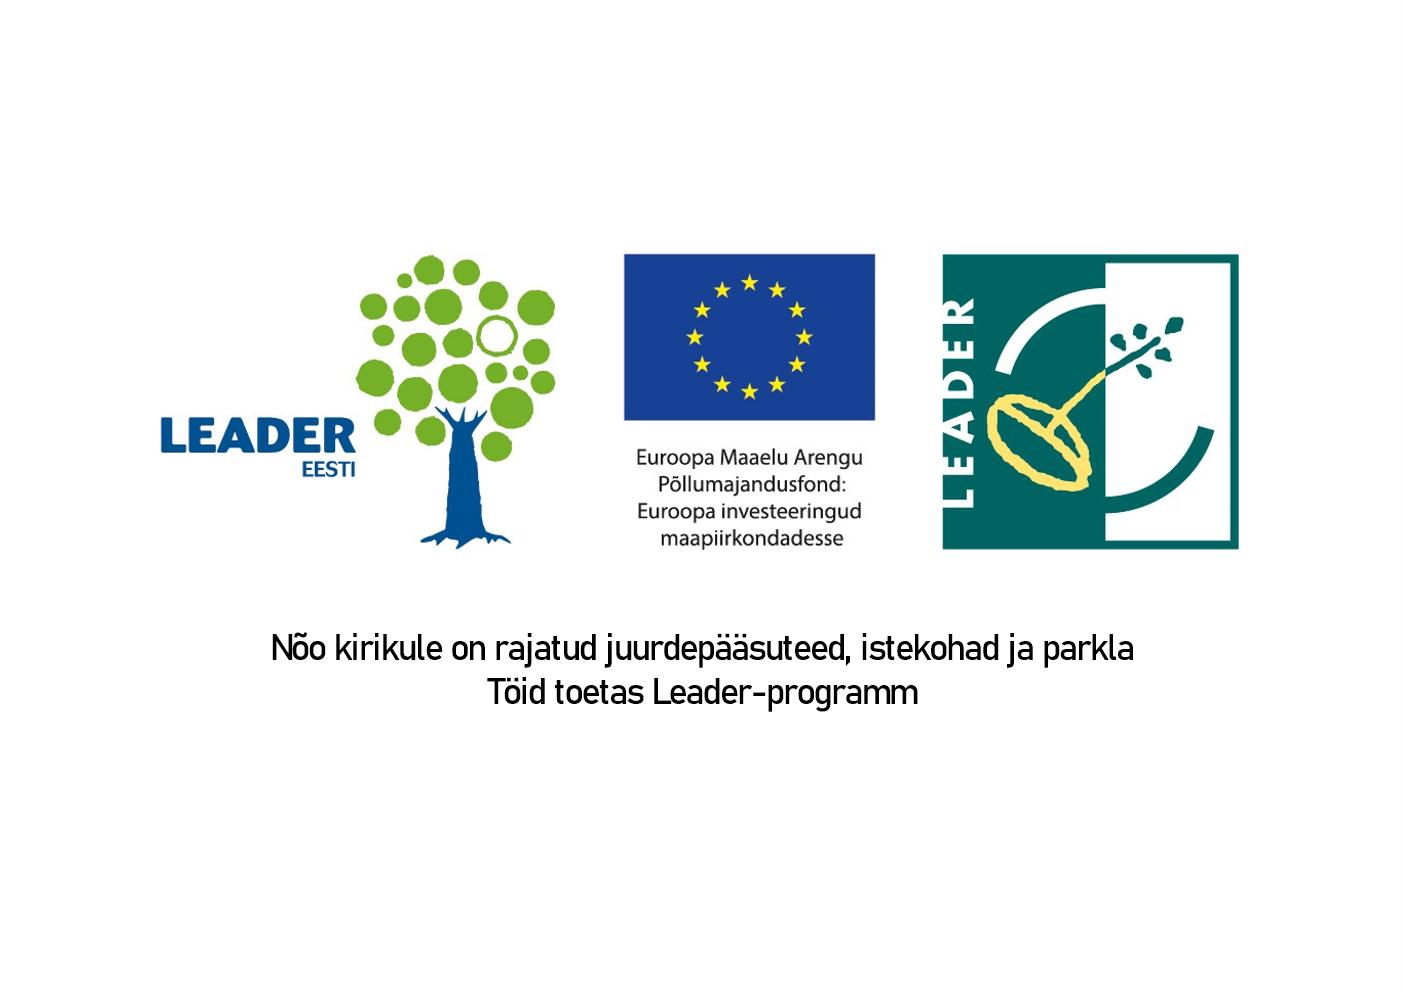 Leader-programmi logo. UUS!